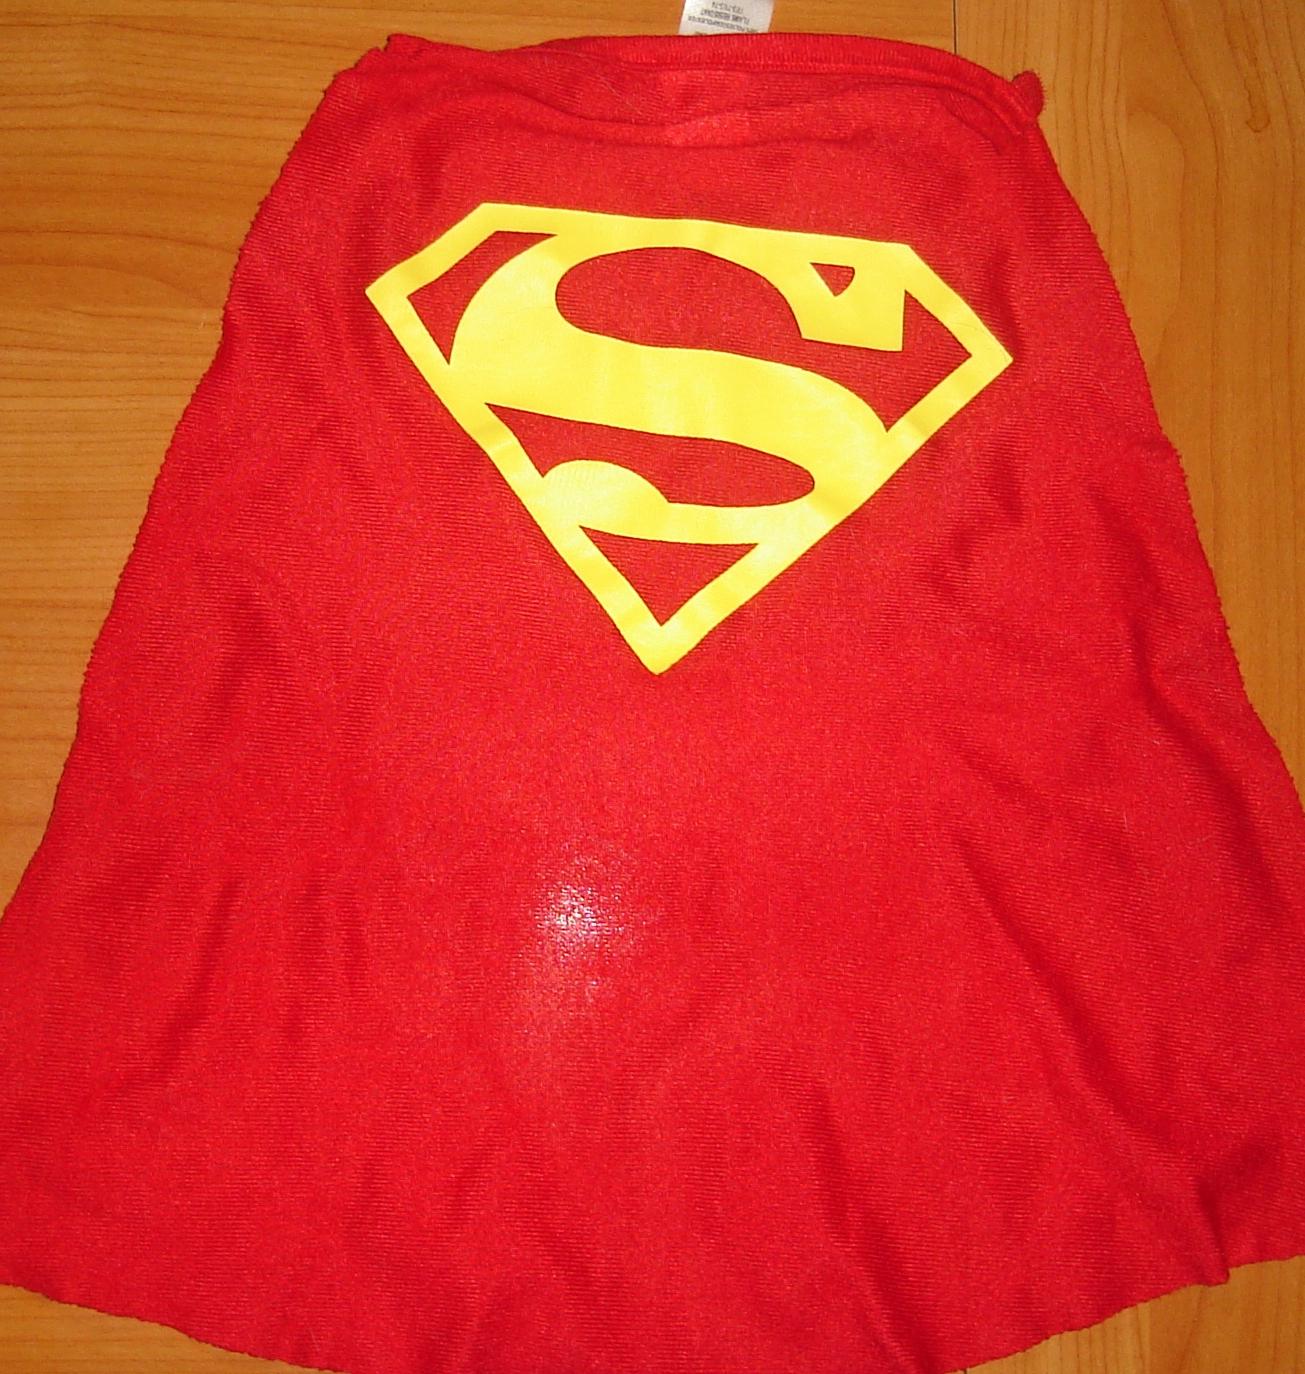 A facsimile of Superman's cape